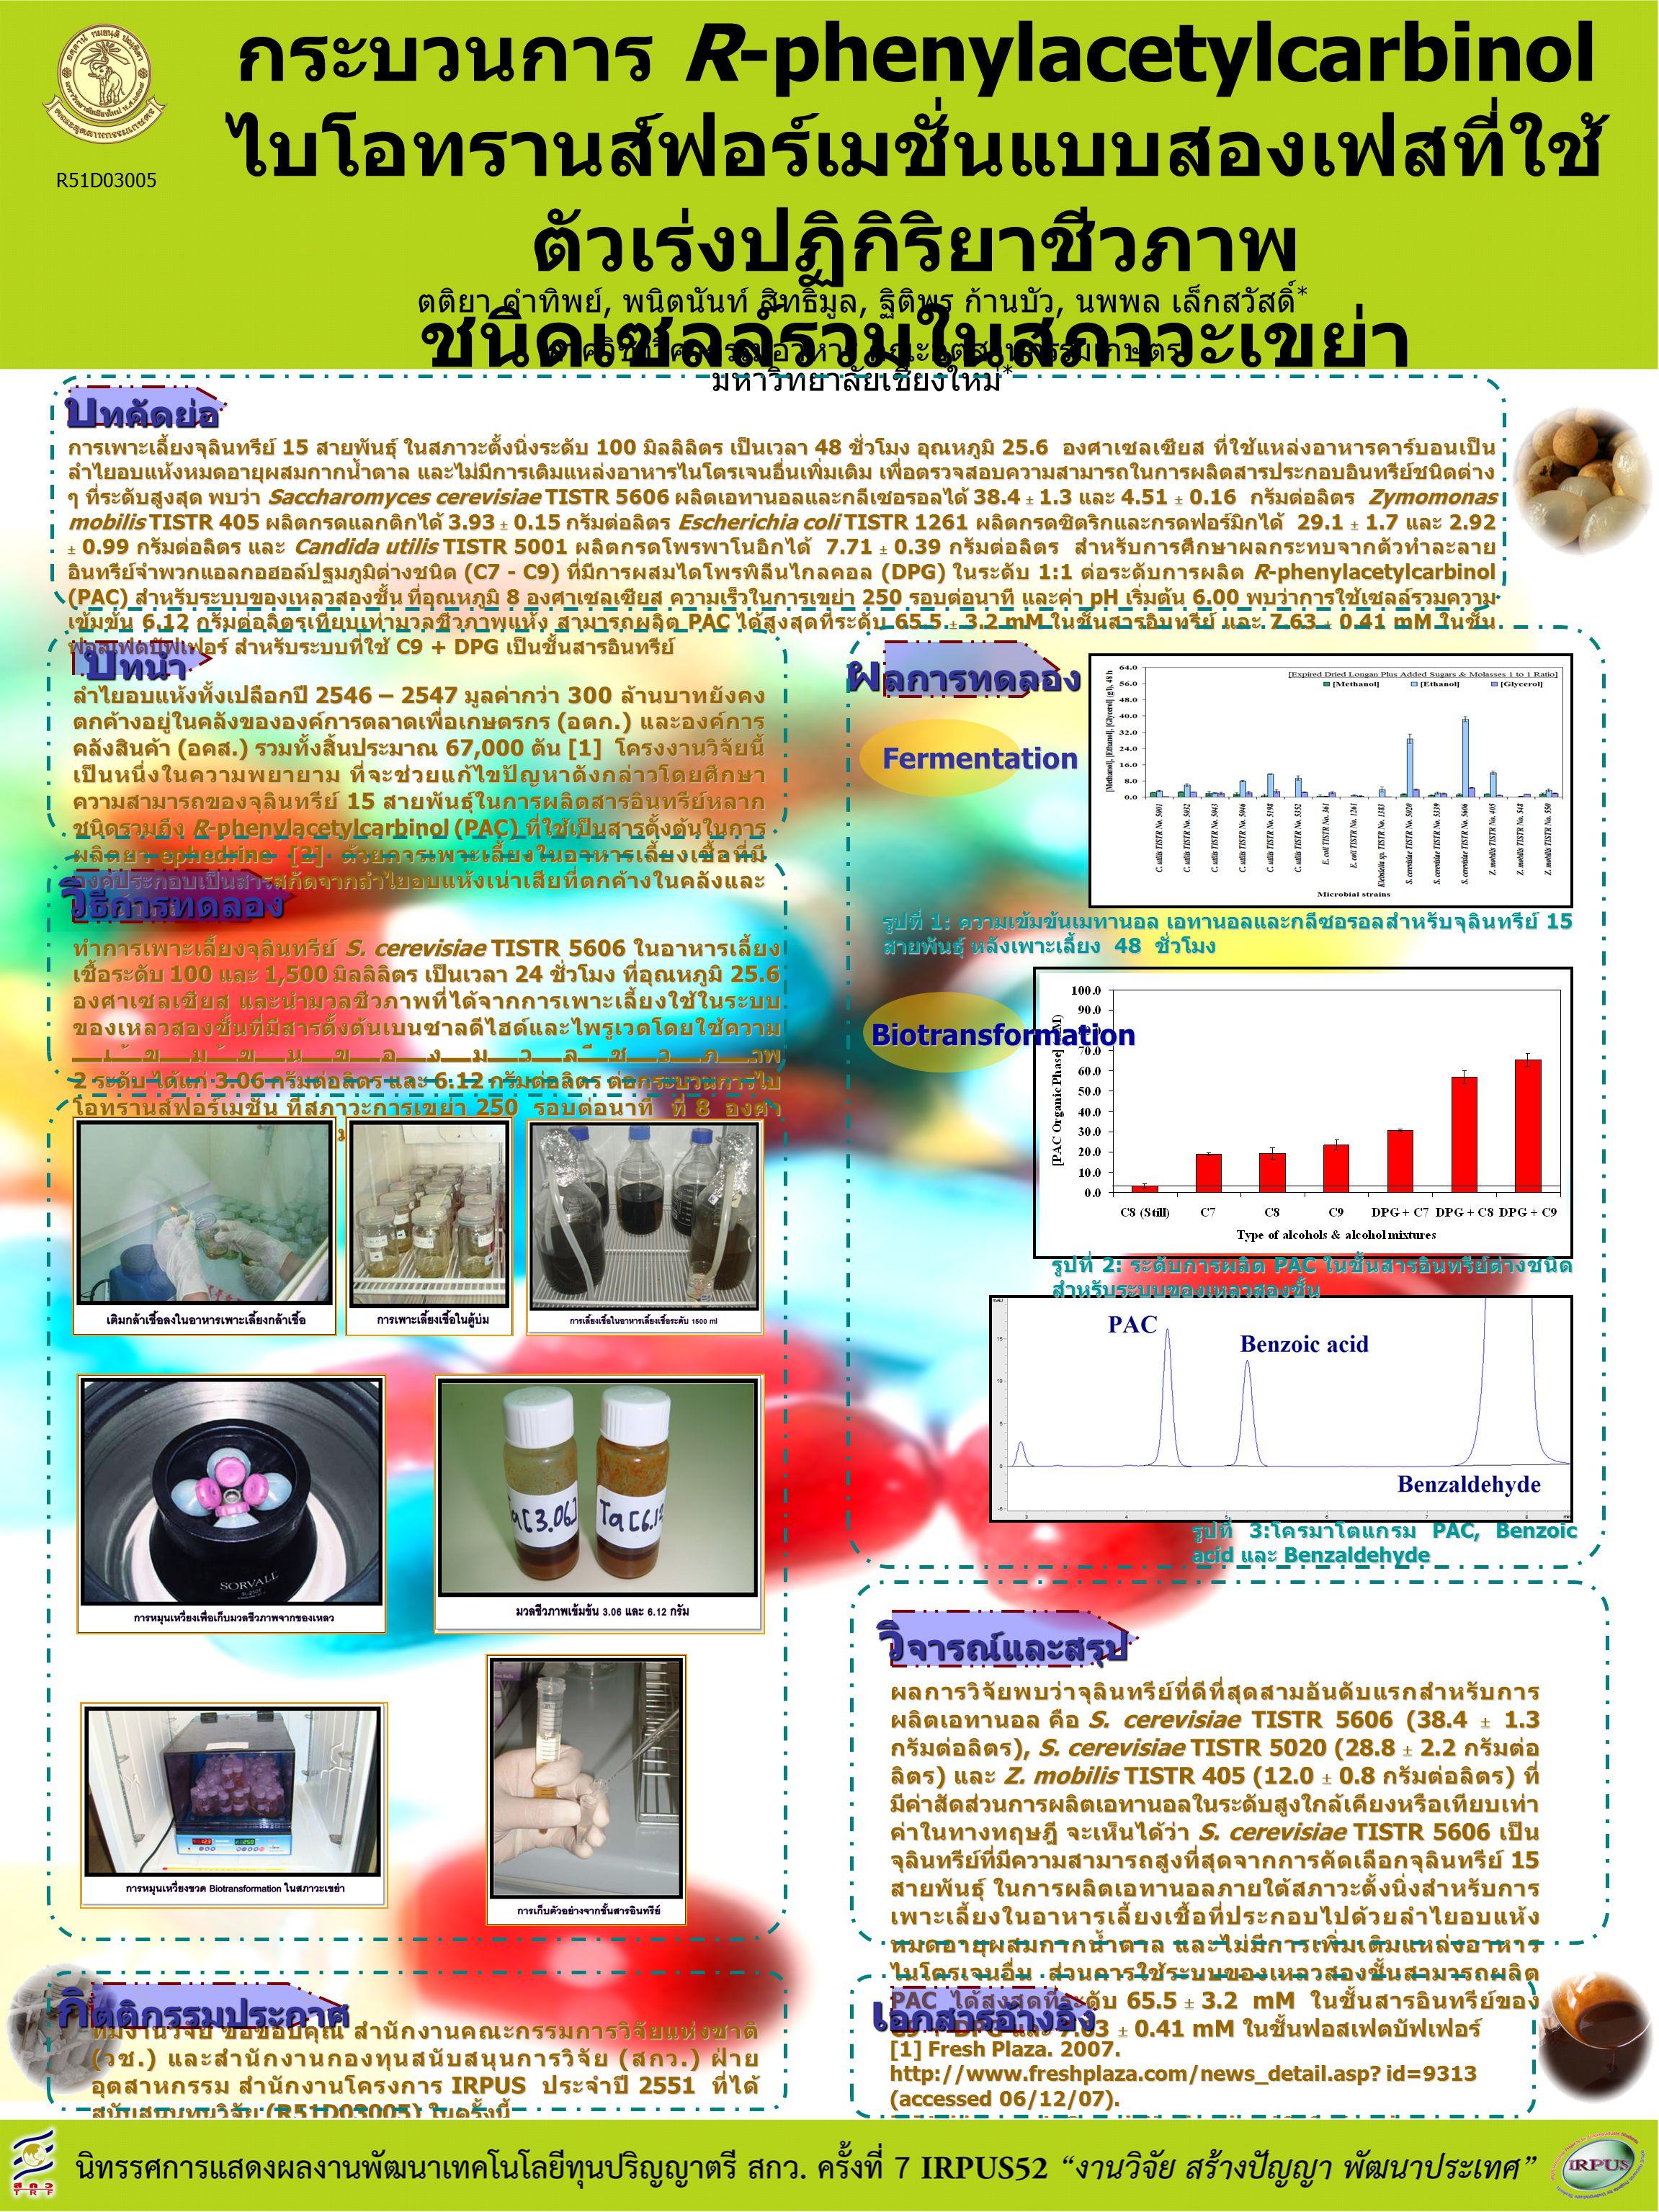 R51D03005 กระบวนการ R-phenylacetylcarbinol ไบโอทรานส์ฟอร์เมชั่นแบบสองเฟสที่ใช้ ตัวเร่งปฏิกิริยาชีวภาพ ชนิดเซลล์รวมในสภาวะเขย่า ตติยา คำทิพย์, พนิตนันท์ สิทธิมูล, ฐิติพร ก้านบัว, นพพล เล็กสวัสดิ์ * ภาควิชาวิศวกรรมอาหาร คณะอุตสาหกรรมเกษตร มหาวิทยาลัยเชียงใหม่ * ลำไยอบแห้งทั้งเปลือกปี 2546 – 2547 มูลค่ากว่า 300 ล้านบาทยังคง ตกค้างอยู่ในคลังขององค์การตลาดเพื่อเกษตรกร ( อตก.) และองค์การ คลังสินค้า ( อคส.) รวมทั้งสิ้นประมาณ 67,000 ตัน [1] โครงงานวิจัยนี้ เป็นหนึ่งในความพยายาม ที่จะช่วยแก้ไขปัญหาดังกล่าวโดยศึกษา ความสามารถของจุลินทรีย์ 15 สายพันธุ์ในการผลิตสารอินทรีย์หลาก ชนิดรวมถึง R-phenylacetylcarbinol (PAC) ที่ใช้เป็นสารตั้งต้นในการ ผลิตยา ephedrine [2] ด้วยการเพาะเลี้ยงในอาหารเลี้ยงเชื้อที่มี องค์ประกอบเป็นสารสกัดจากลำไยอบแห้งเน่าเสียที่ตกค้างในคลังและ กากน้ำตาล การเพาะเลี้ยงจุลินทรีย์ 15 สายพันธุ์ ในสภาวะตั้งนิ่งระดับ 100 มิลลิลิตร เป็นเวลา 48 ชั่วโมง อุณหภูมิ 25.6 องศาเซลเซียส ที่ใช้แหล่งอาหารคาร์บอนเป็น ลำไยอบแห้งหมดอายุผสมกากน้ำตาล และไม่มีการเติมแหล่งอาหารไนโตรเจนอื่นเพิ่มเติม เพื่อตรวจสอบความสามารถในการผลิตสารประกอบอินทรีย์ชนิดต่าง ๆ ที่ระดับสูงสุด พบว่า Saccharomyces cerevisiae TISTR 5606 ผลิตเอทานอลและกลีเซอรอลได้ 38.4  1.3 และ 4.51  0.16 กรัมต่อลิตร Zymomonas mobilis TISTR 405 ผลิตกรดแลกติกได้ 3.93  0.15 กรัมต่อลิตร Escherichia coli TISTR 1261 ผลิตกรดซิตริกและกรดฟอร์มิกได้ 29.1  1.7 และ 2.92  0.99 กรัมต่อลิตร และ Candida utilis TISTR 5001 ผลิตกรดโพรพาโนอิกได้ 7.71  0.39 กรัมต่อลิตร สำหรับการศึกษาผลกระทบจากตัวทำละลาย อินทรีย์จำพวกแอลกอฮอล์ปฐมภูมิต่างชนิด (C7 - C9) ที่มีการผสมไดโพรพิลีนไกลคอล (DPG) ในระดับ 1:1 ต่อระดับการผลิต R-phenylacetylcarbinol (PAC) สำหรับระบบของเหลวสองชั้น ที่อุณหภูมิ 8 องศาเซลเซียส ความเร็วในการเขย่า 250 รอบต่อนาที และค่า pH เริ่มต้น 6.00 พบว่าการใช้เซลล์รวมความ เข้มข้น 6.12 กรัมต่อลิตรเทียบเท่ามวลชีวภาพแห้ง สามารถผลิต PAC ได้สูงสุดที่ระดับ 65.5  3.2 mM ในชั้นสารอินทรีย์ และ 7.63  0.41 mM ในชั้น ฟอสเฟตบัฟเฟอร์ สำหรับระบบที่ใช้ C9 + DPG เป็นชั้นสารอินทรีย์ ทำการเพาะเลี้ยงจุลินทรีย์ S.